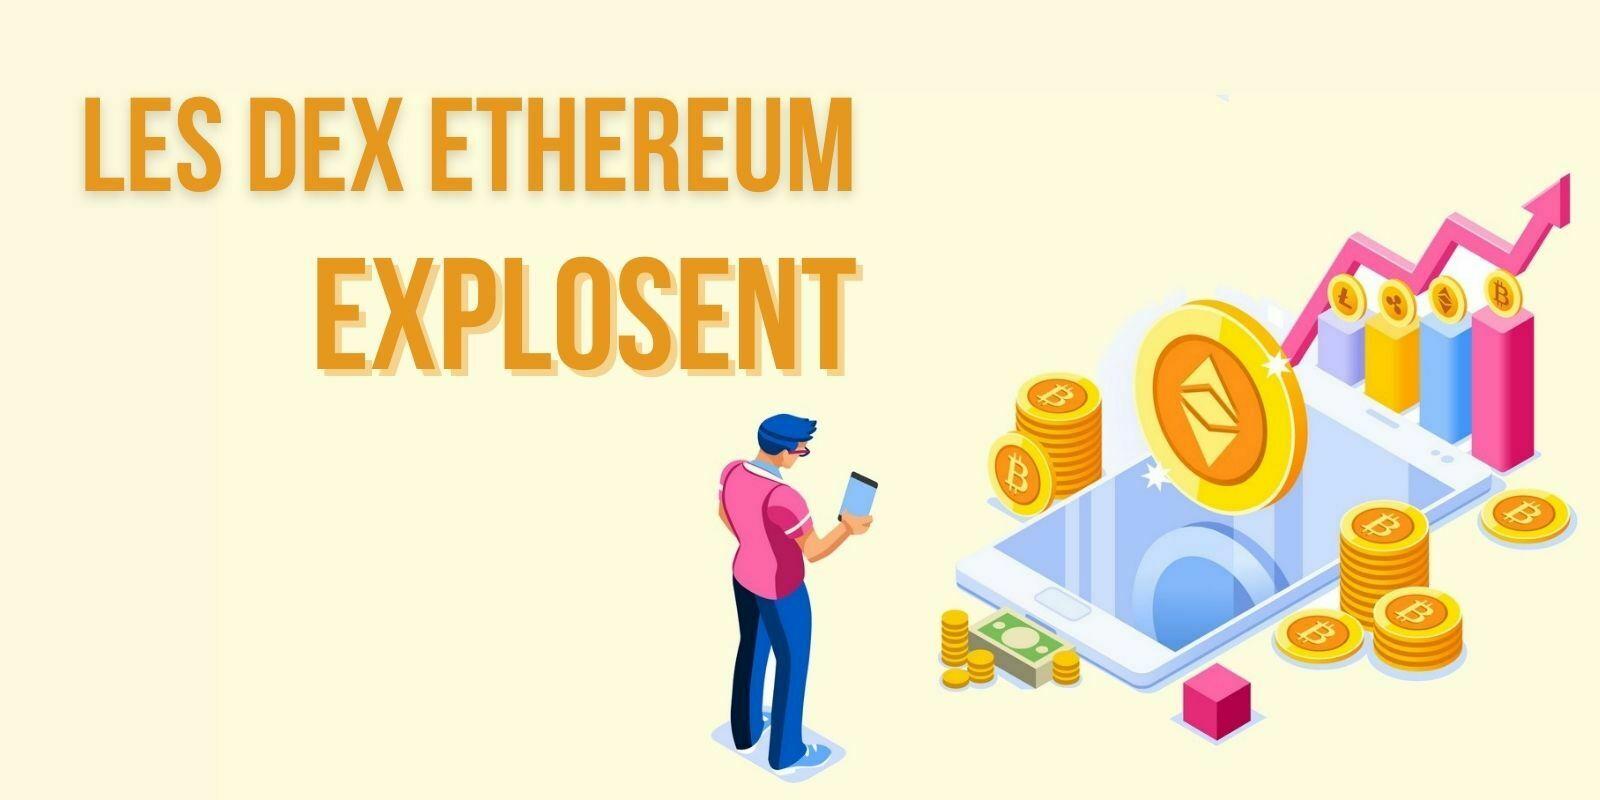 Ethereum: malgré les frais, les volumes d'échange des DEX ont explosé